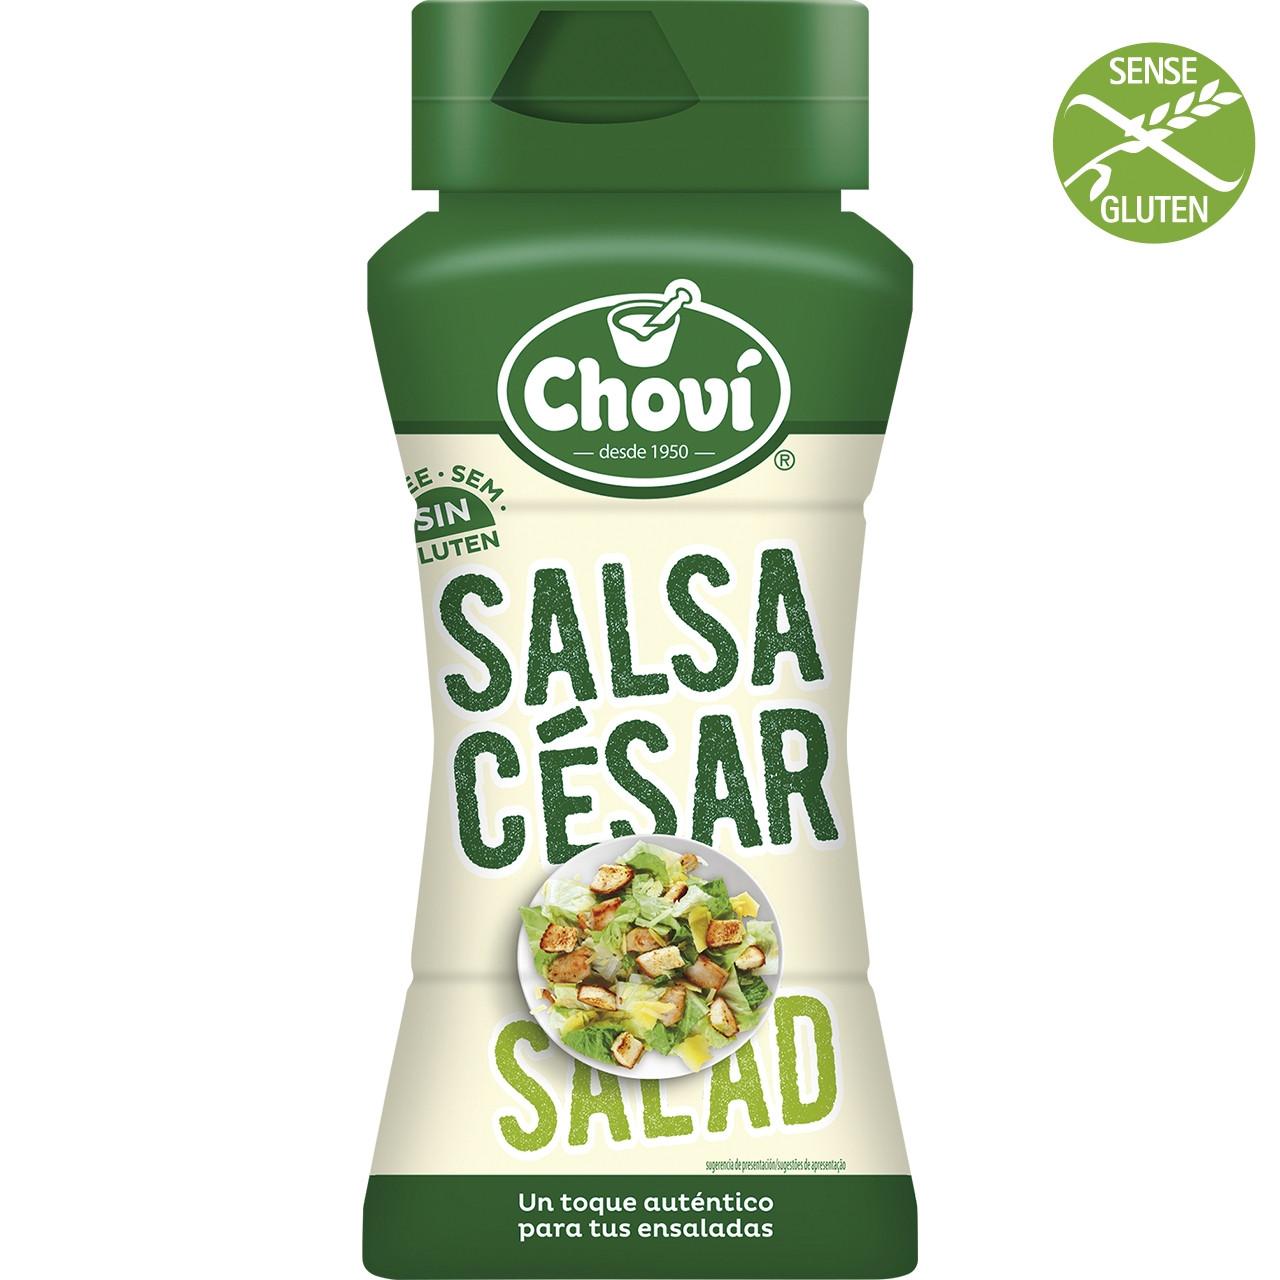 Salsa amanida césar Chovi